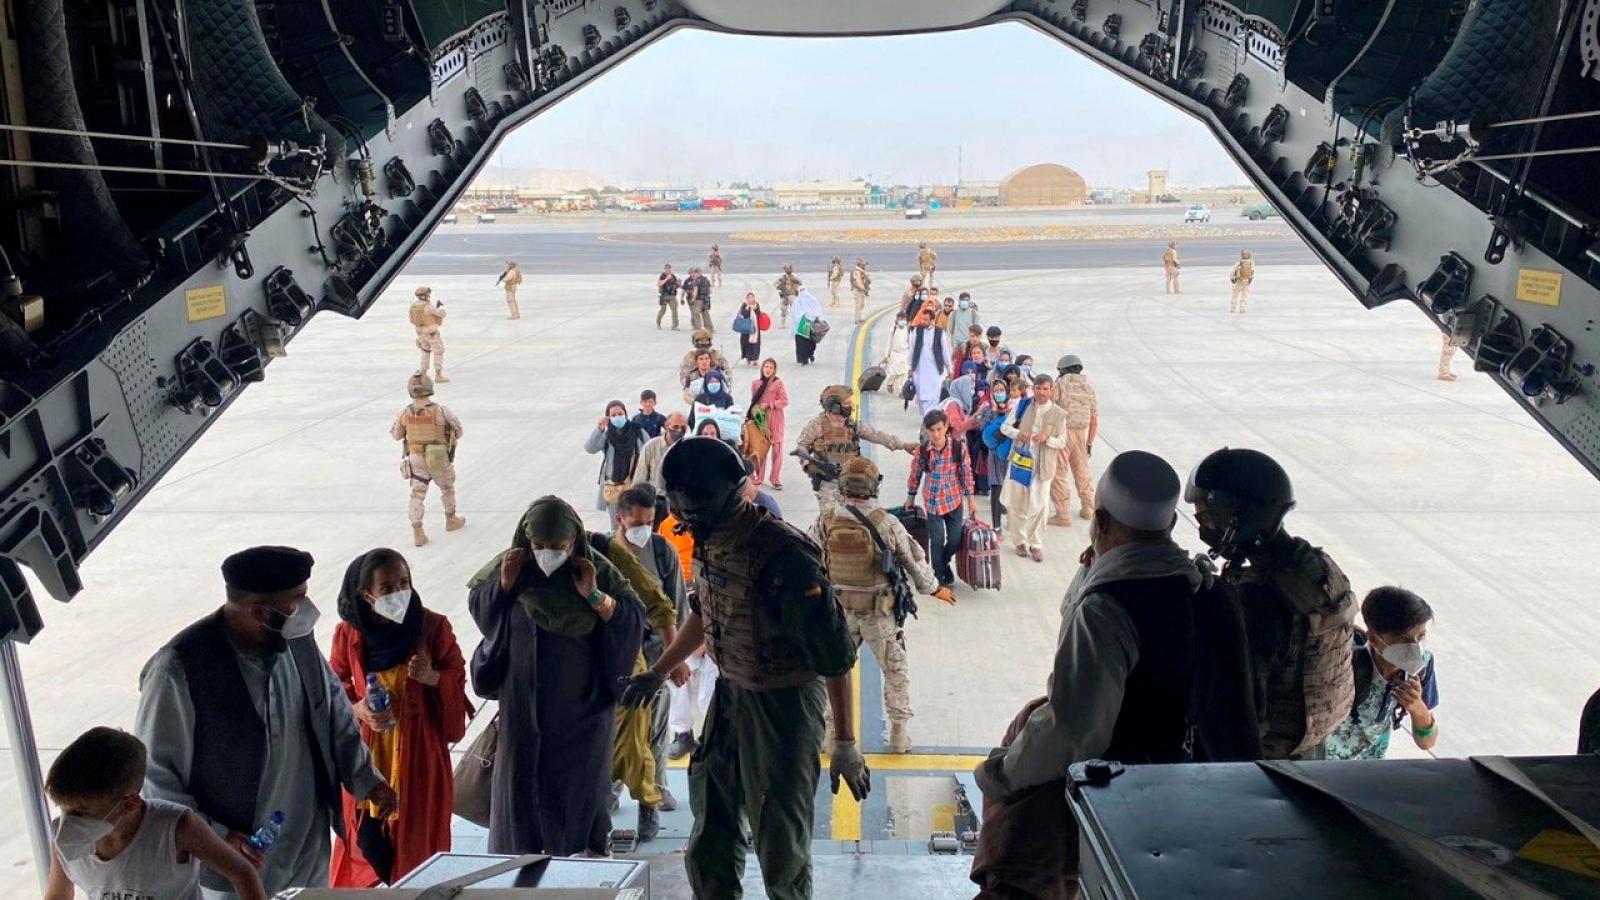 """Thỏa thuận bí mật tiết lộ sự hợp tác """"chưa từng có"""" giữa Mỹ và Taliban để sơ tán công dân"""